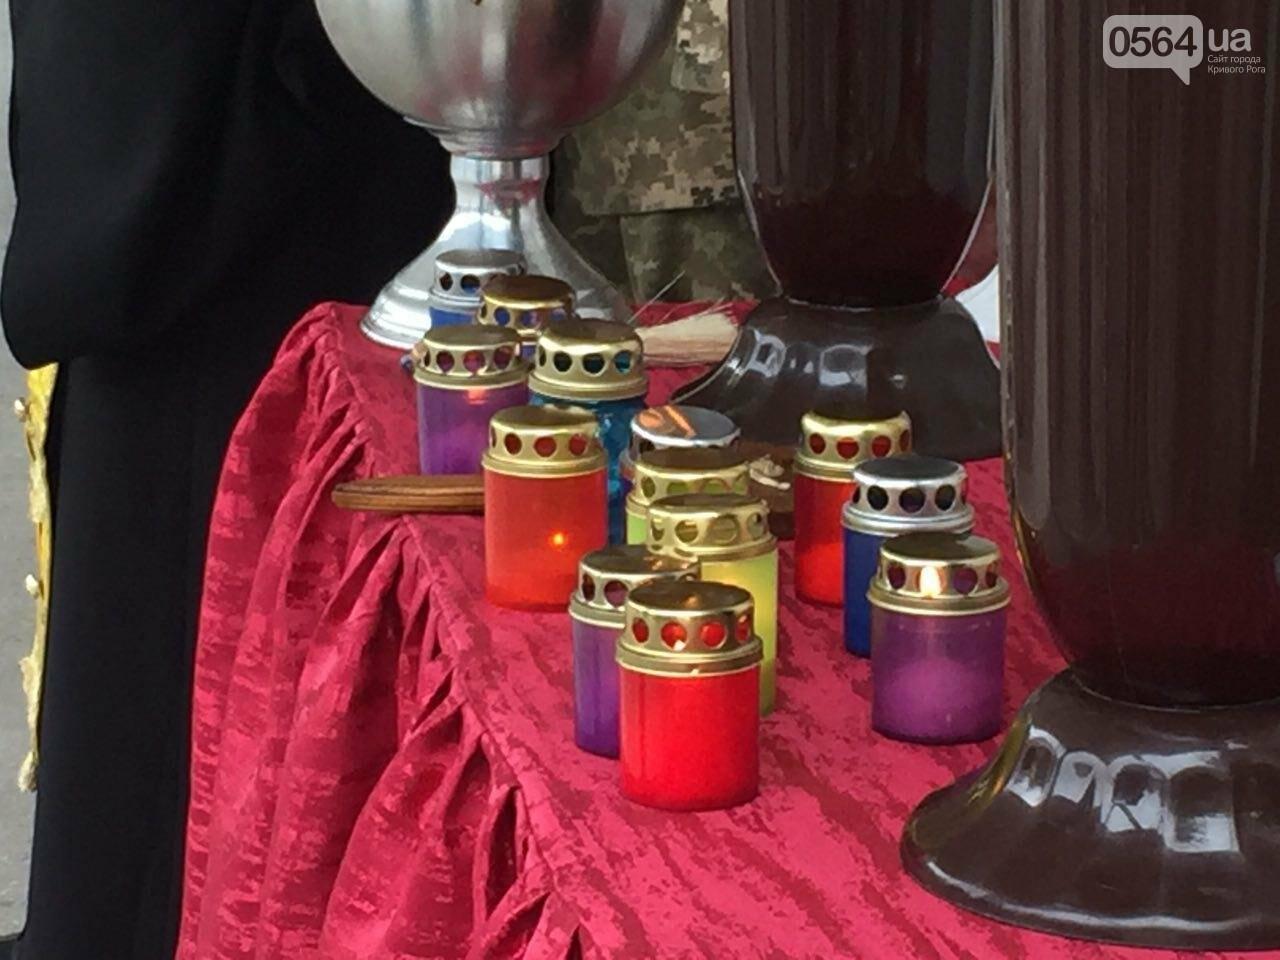 В Кривом Роге память о бойце АТО - Смайлике увековечили в мраморе (ФОТО) , фото-3